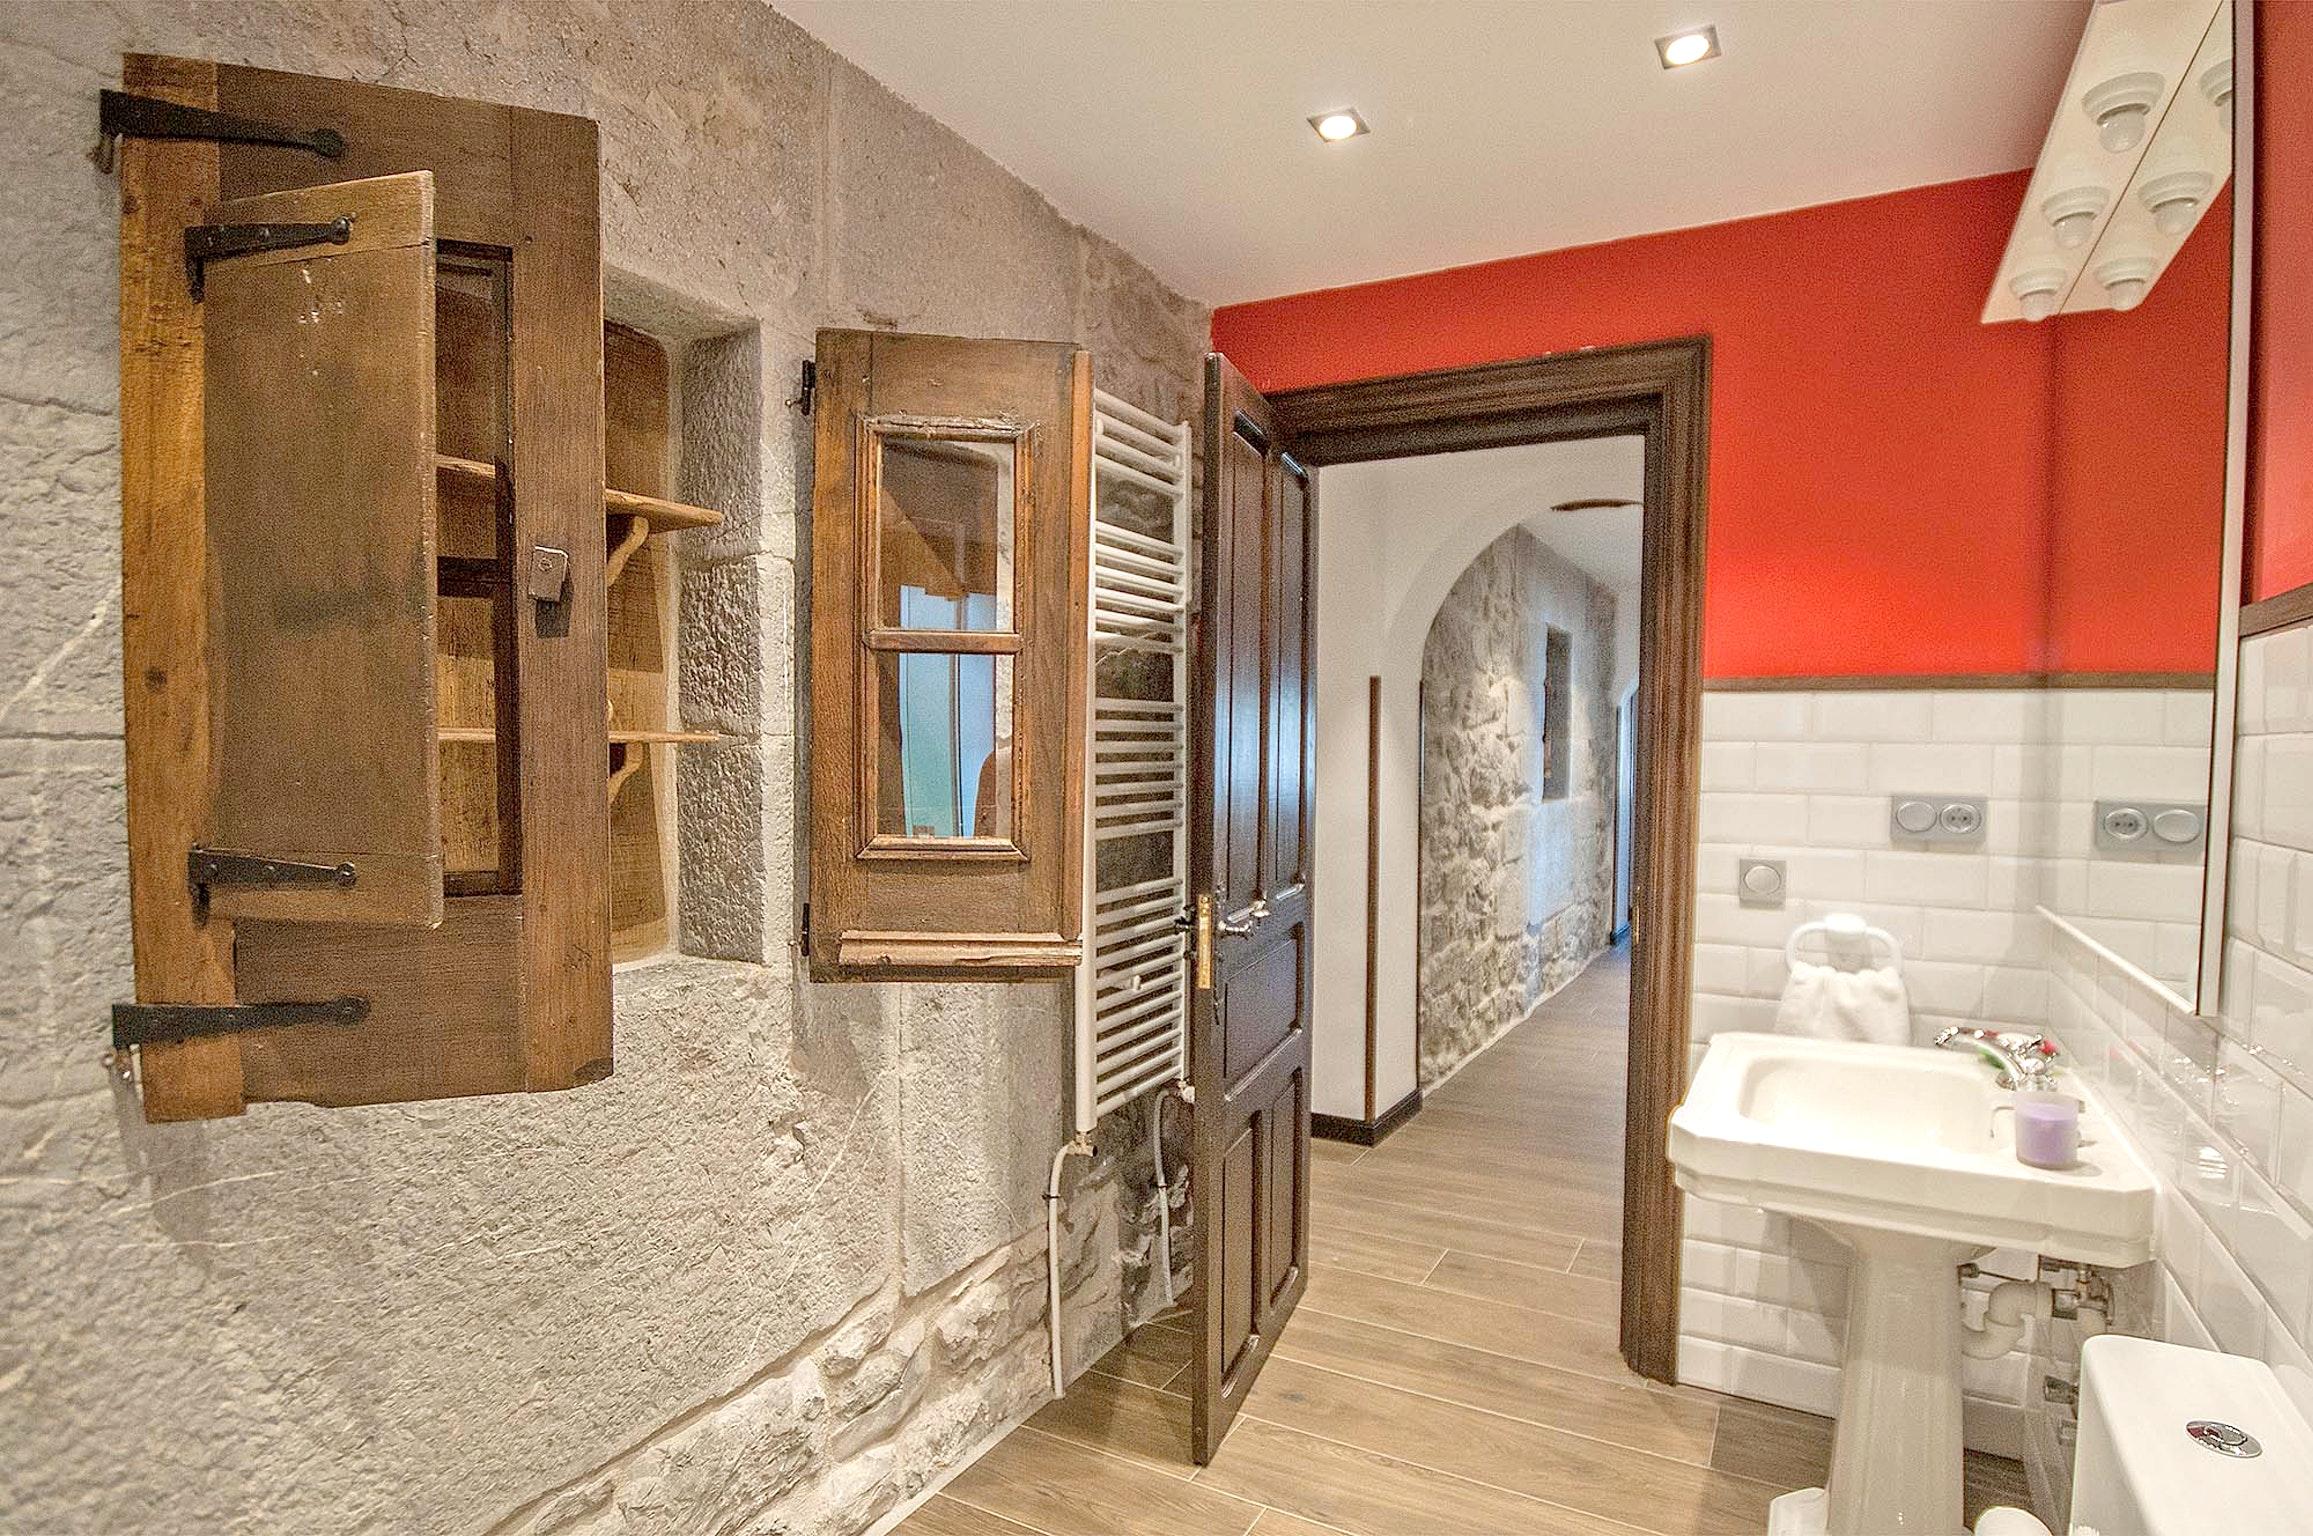 Ferienhaus Haus mit 5 Schlafzimmern in Baráibar mit toller Aussicht auf die Berge, möbliertem Garten  (2541138), Baraibar, , Navarra, Spanien, Bild 19